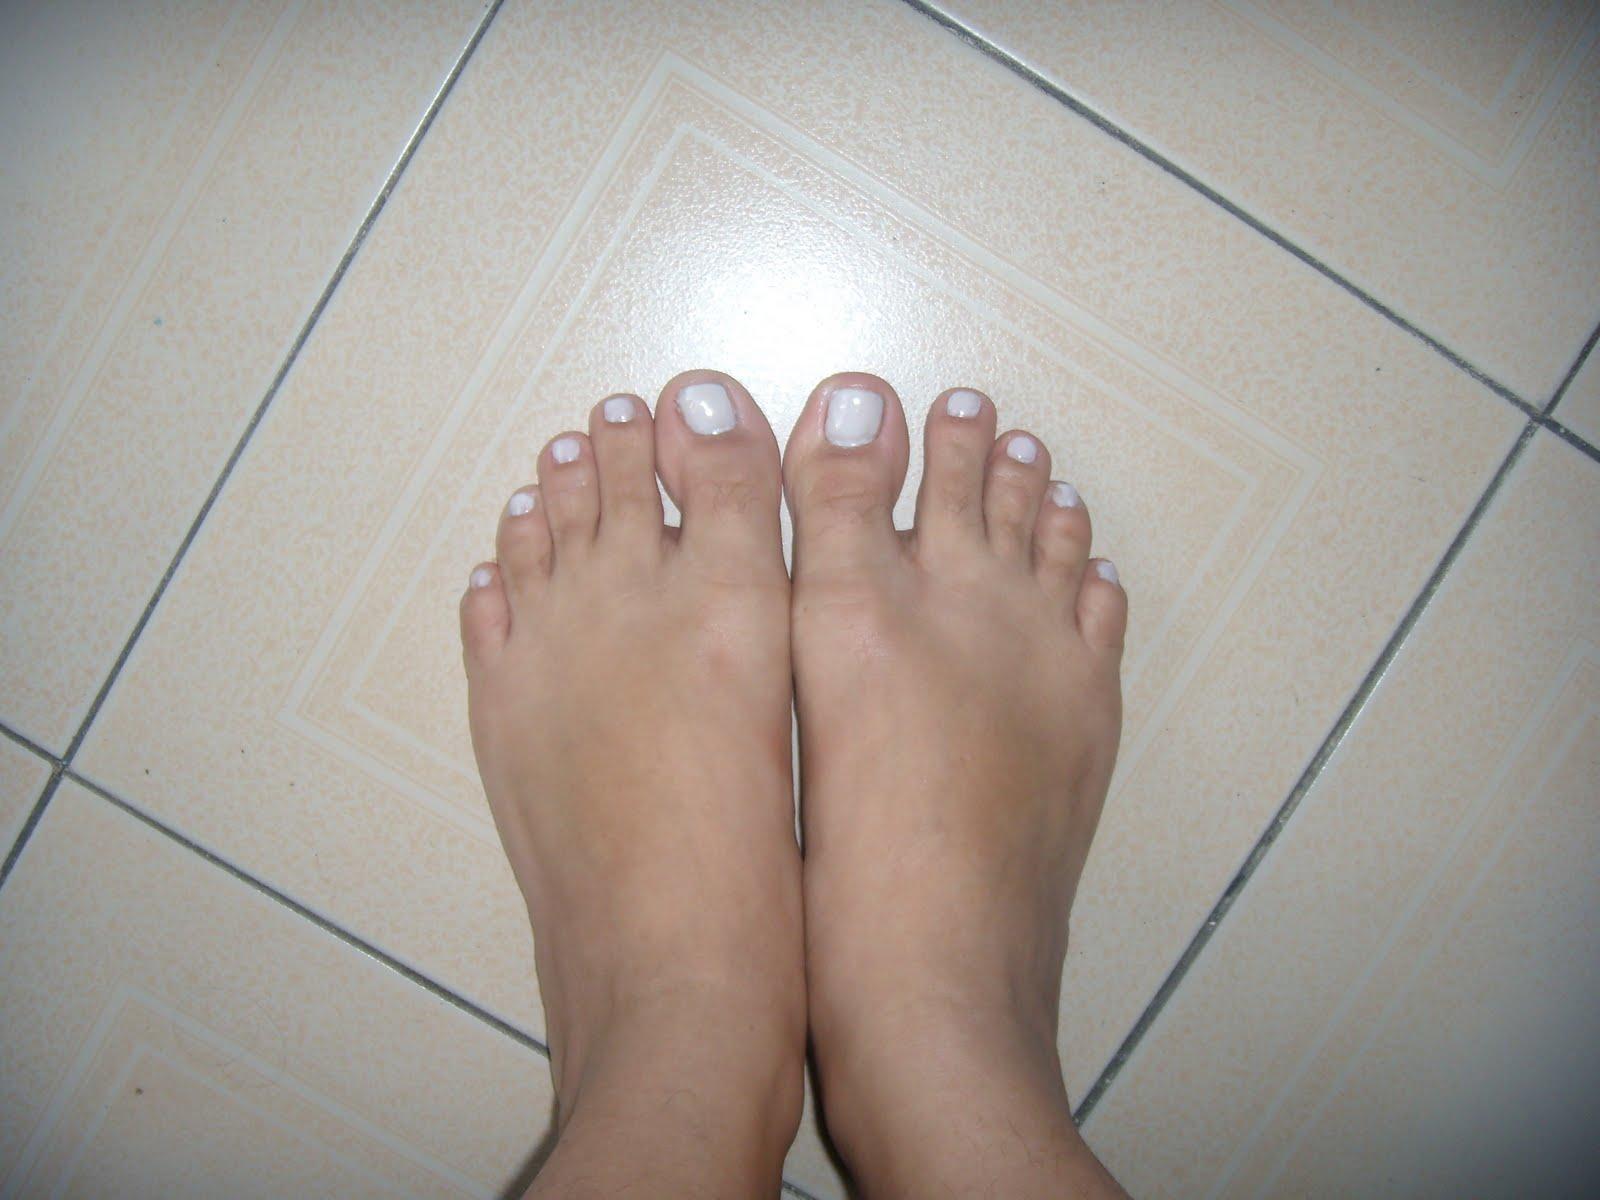 Meus pezinhos de unhas vermelhas e sandalia para voces - 2 10